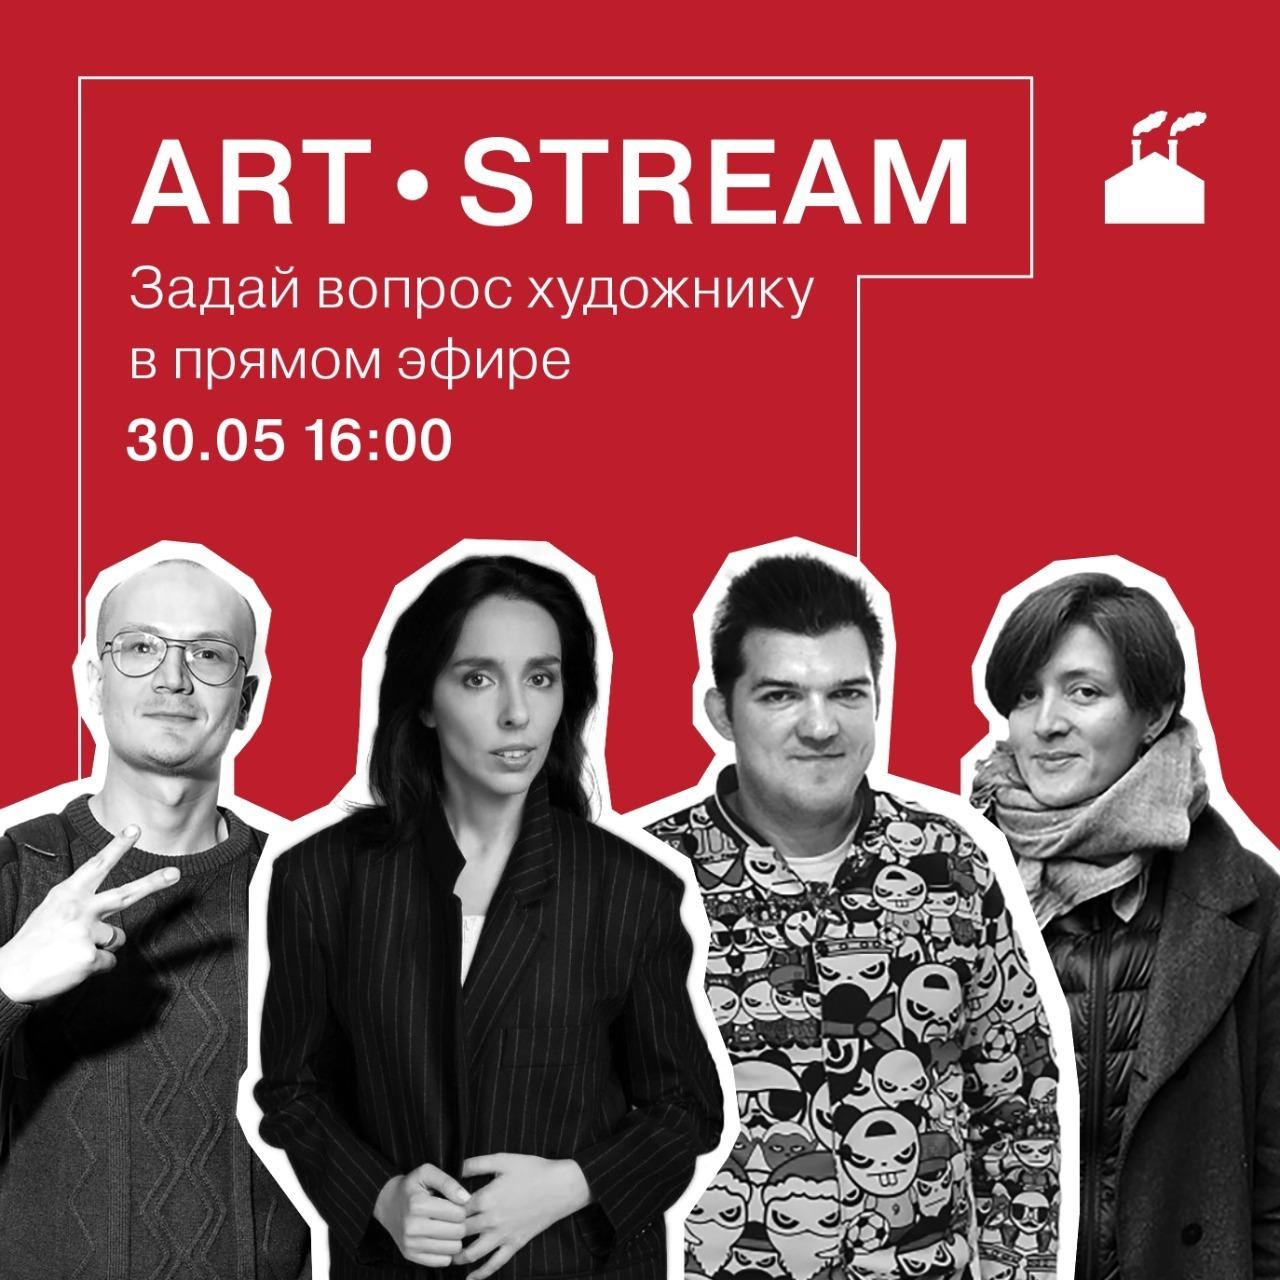 Винзавод. Новые имена. Седьмой эфир проекта ArtStream